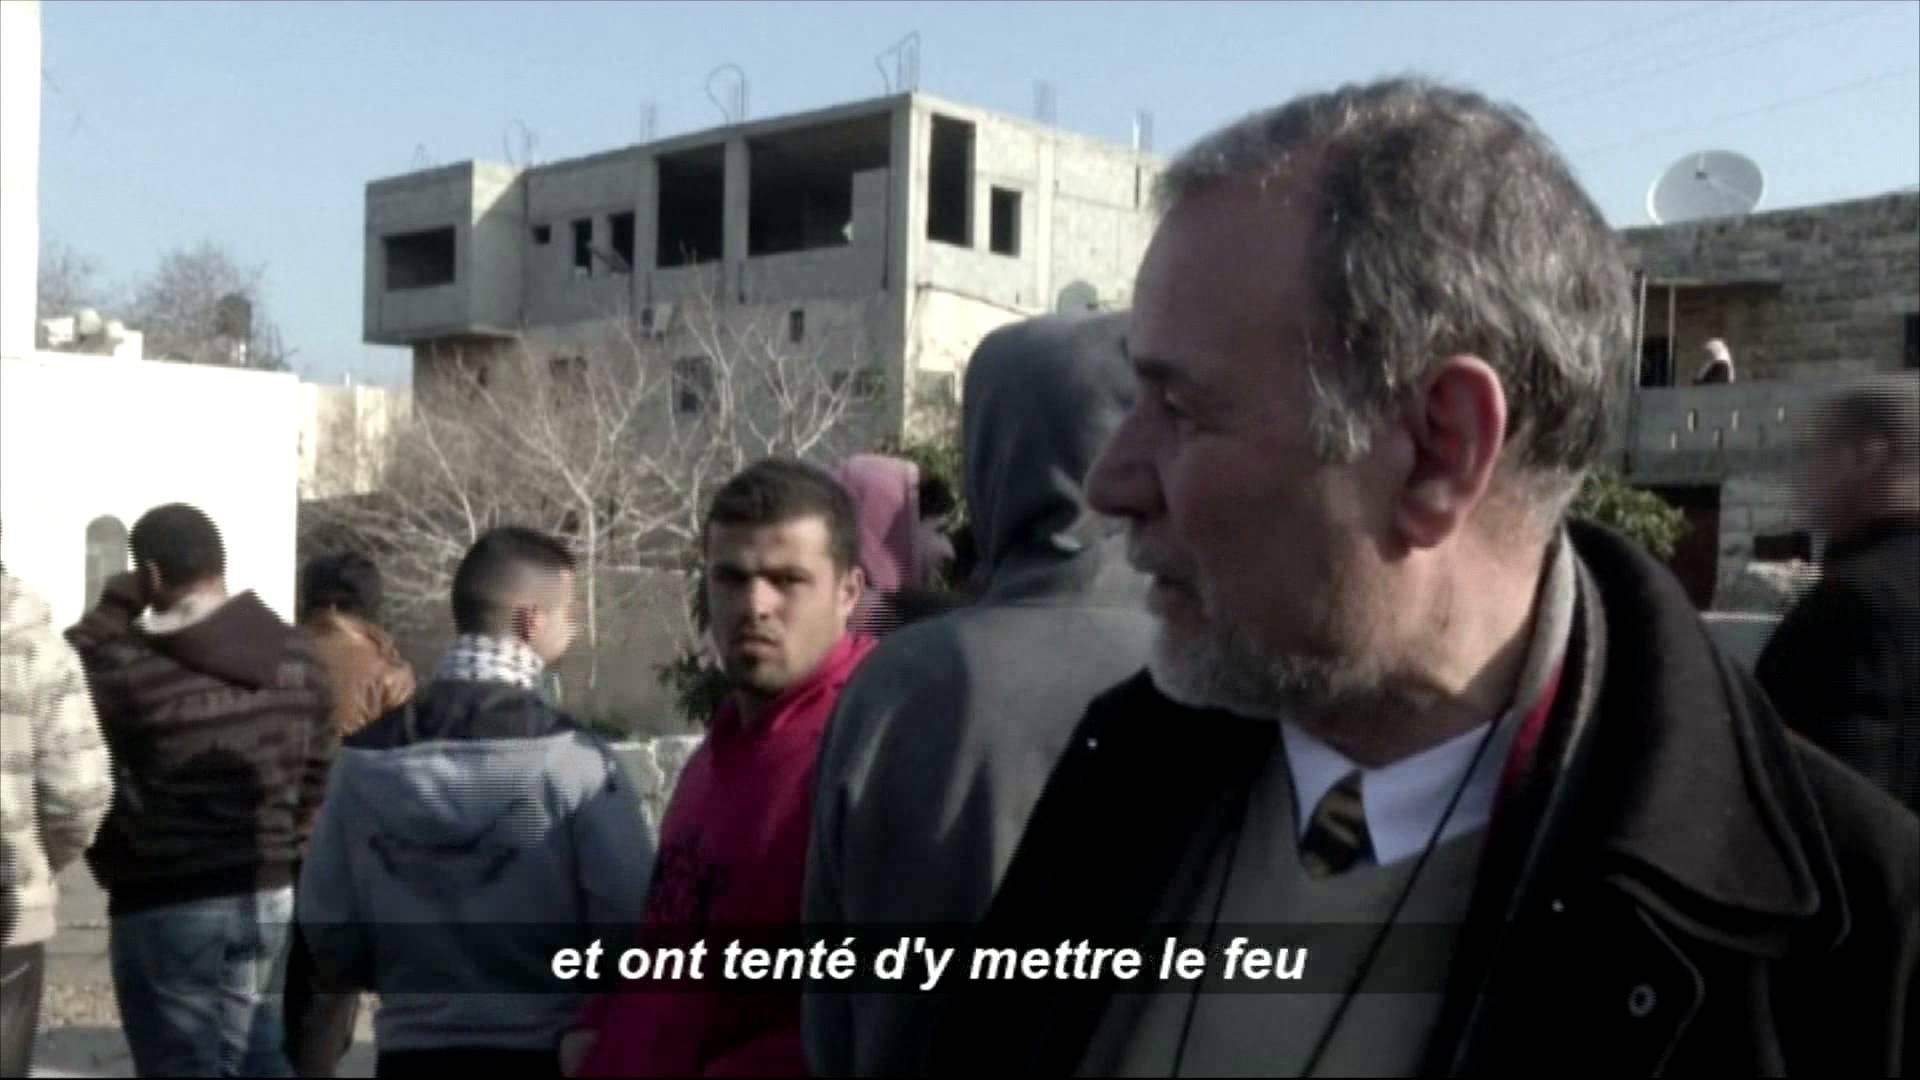 Palestine – Une mosquée vandalisée par des colons juifs en Cisjordanie